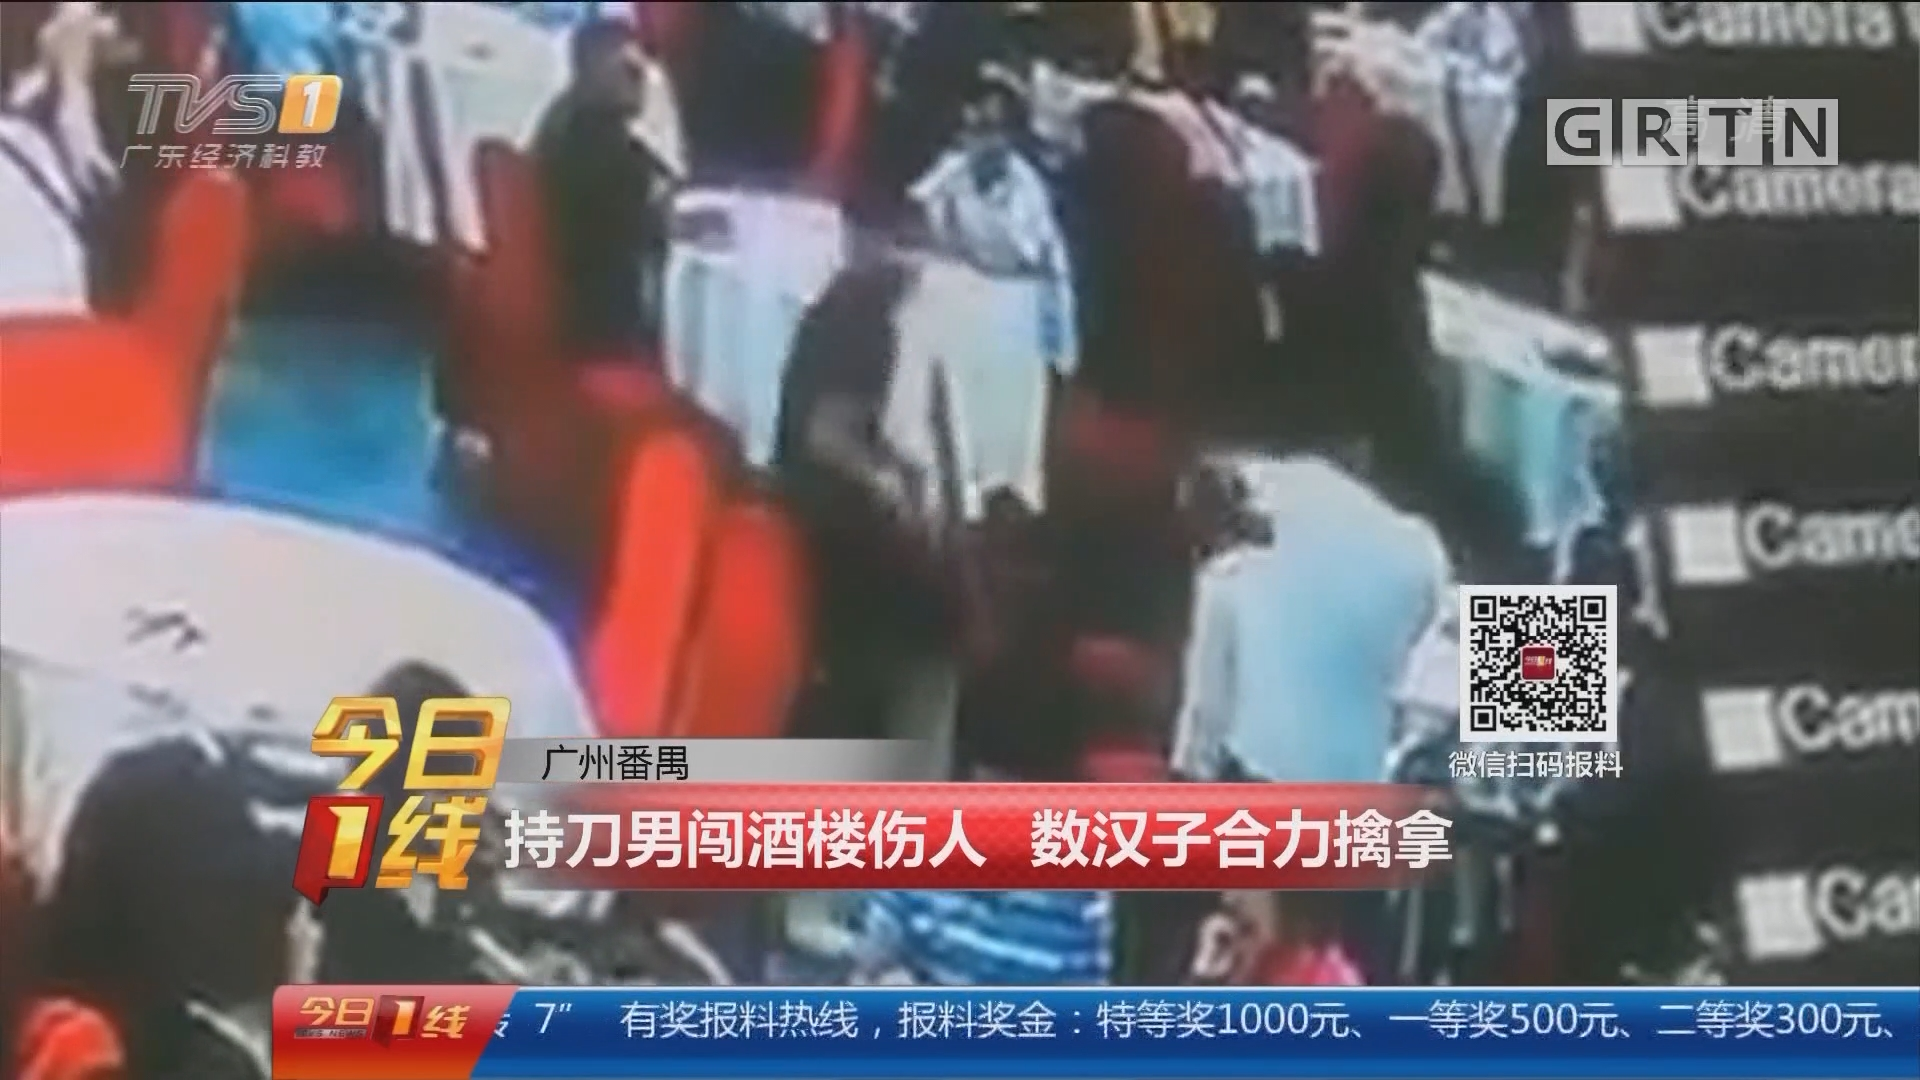 广州番禺:持刀男闯酒楼伤人 数汉子合力擒拿